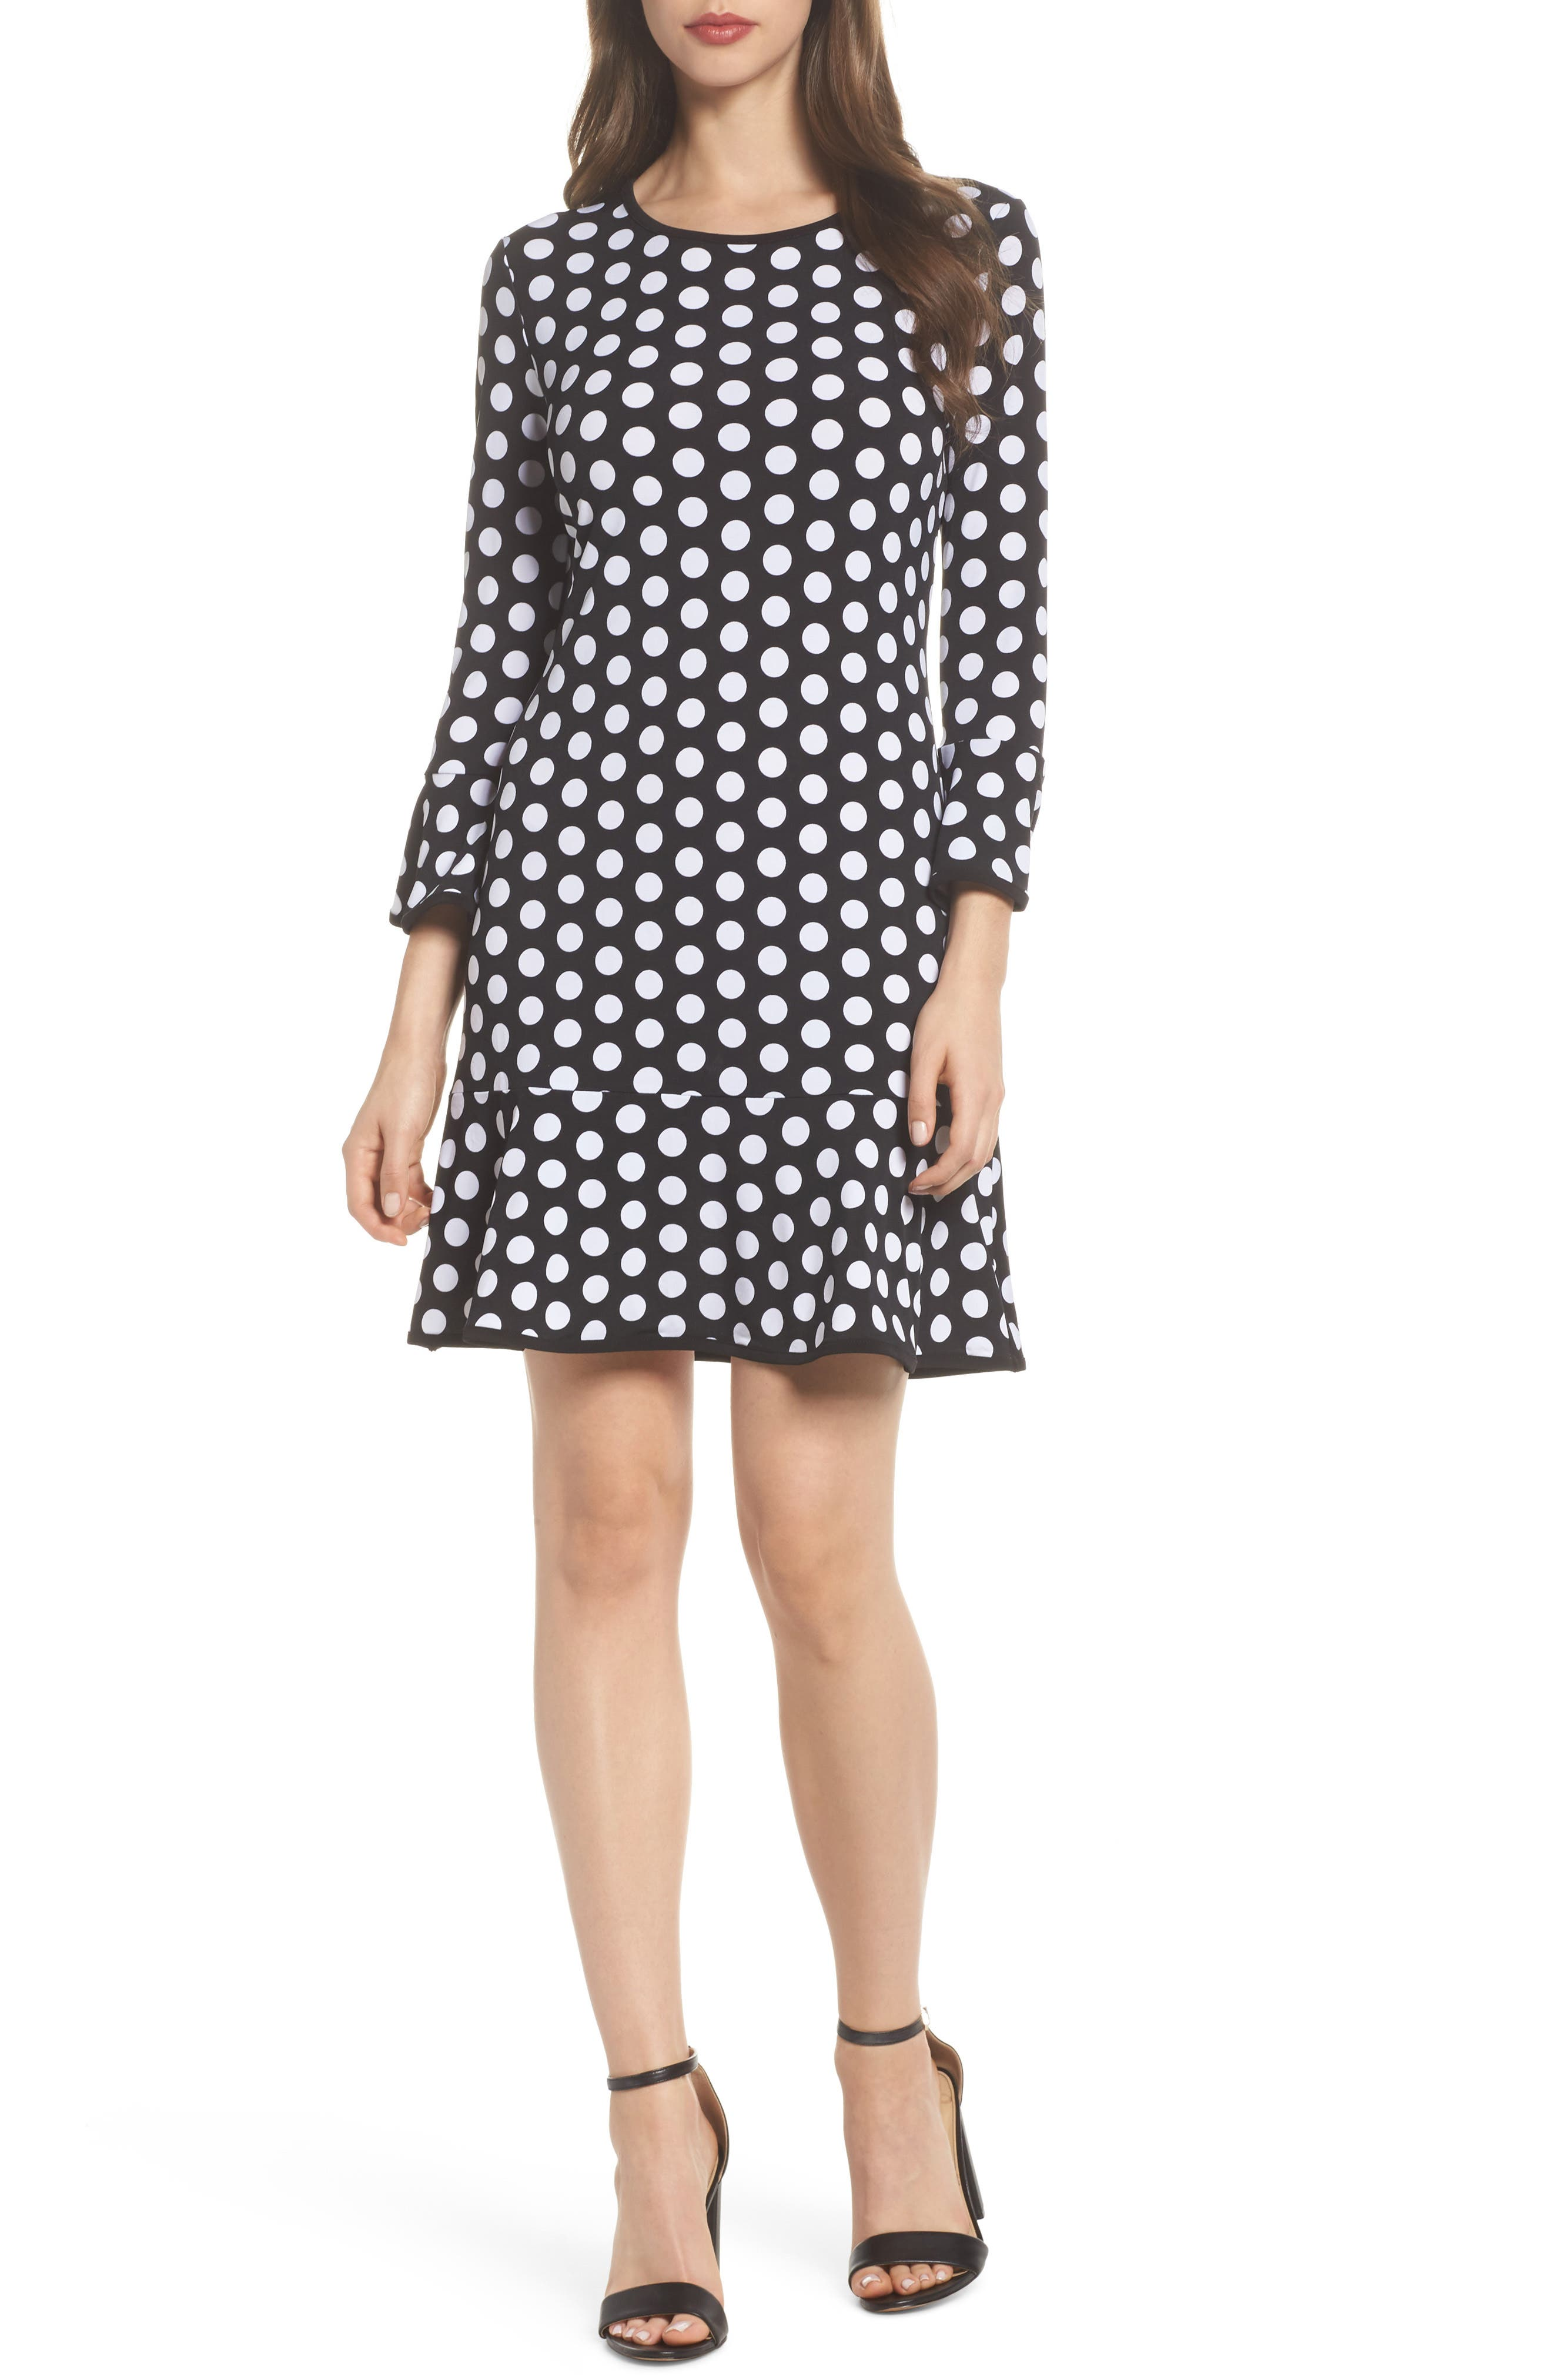 Simple Dot Swing Dress,                             Main thumbnail 1, color,                             Black/ White